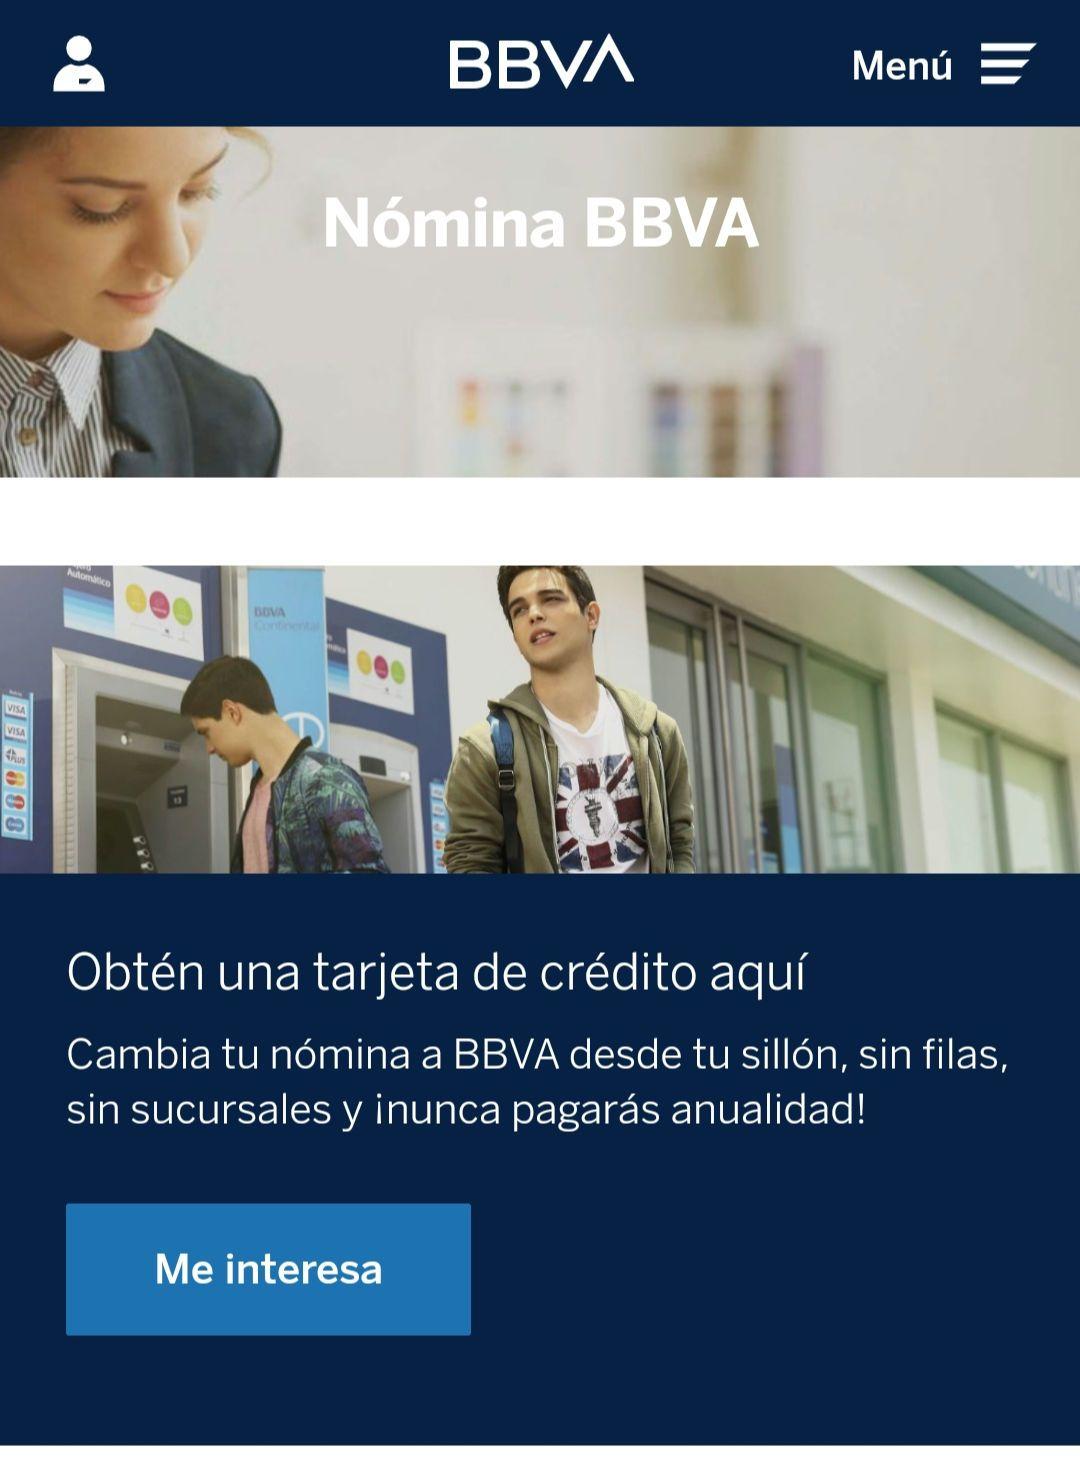 BBVA - Tarjeta de Crédito sin Anualidad